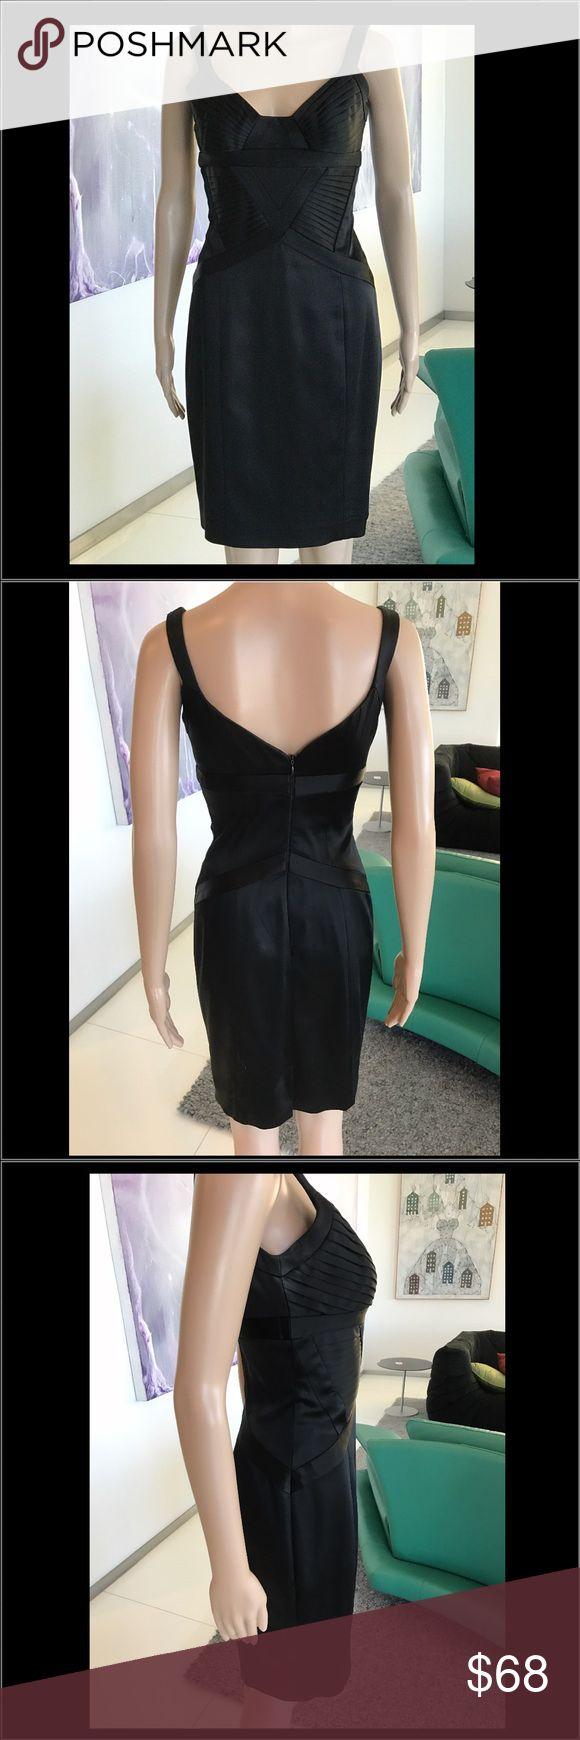 laundry shelli segal bandage dress laundry shelli segal bandage dress Laundry by Shelli Segal Dresses